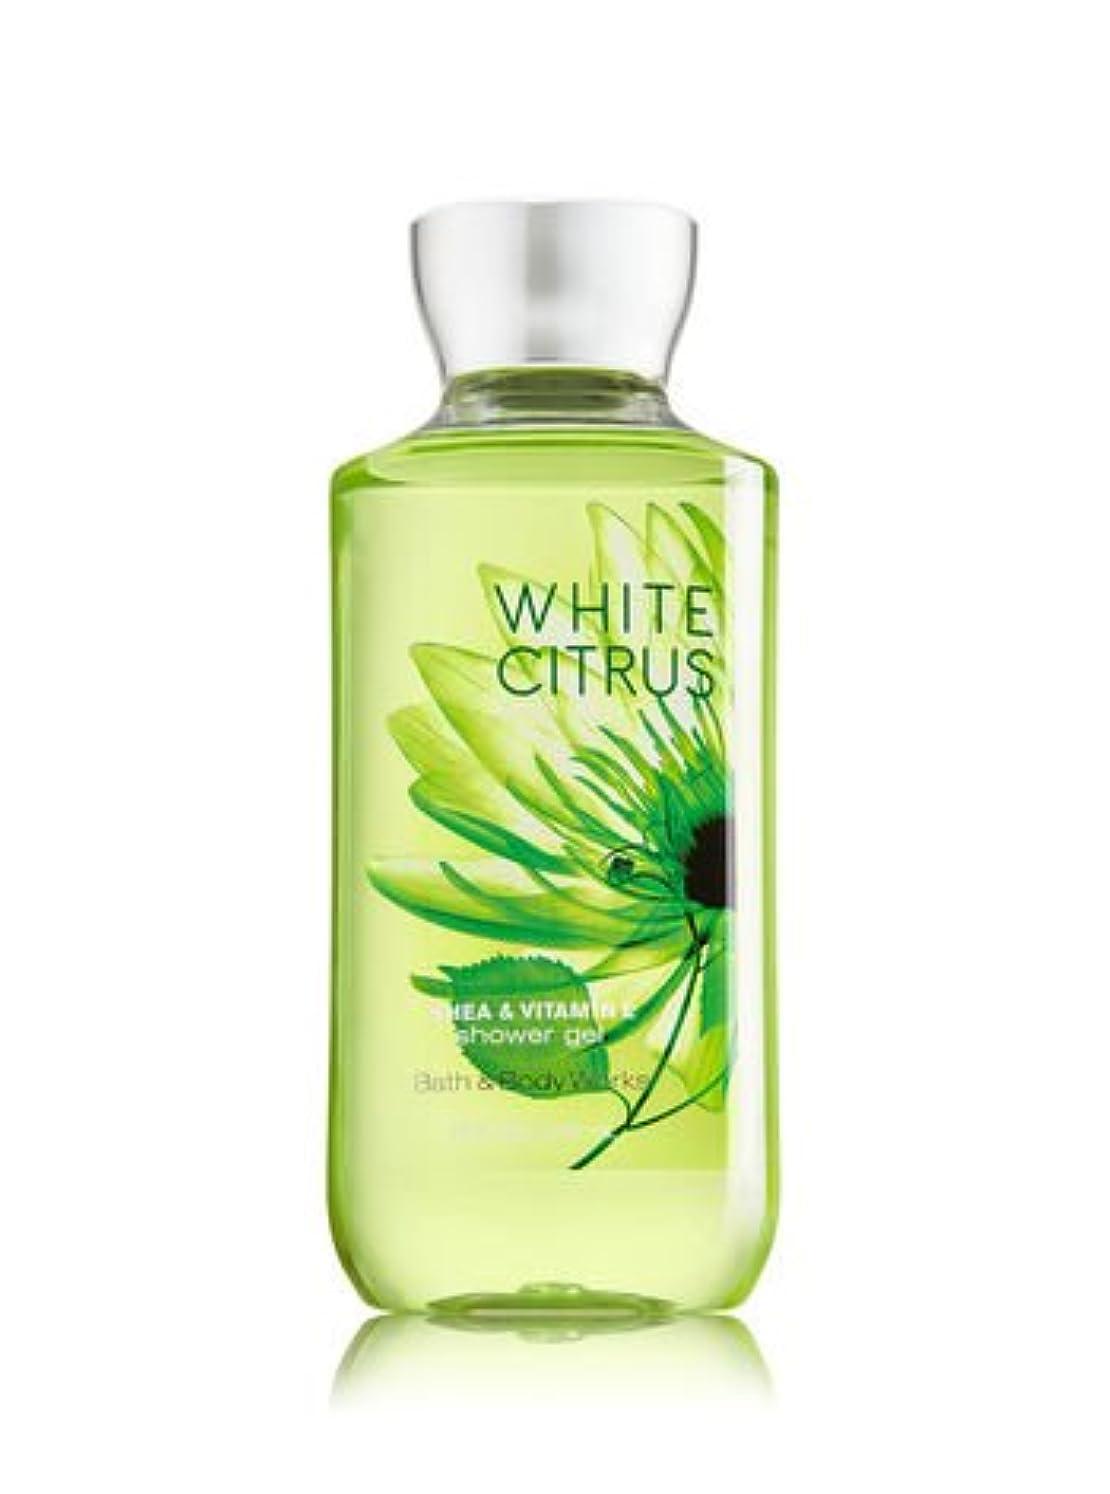 レイテレックス硬さバス&ボディワークス ホワイトシトラス シャワージェル White Citrus Shower Gel [並行輸入品]